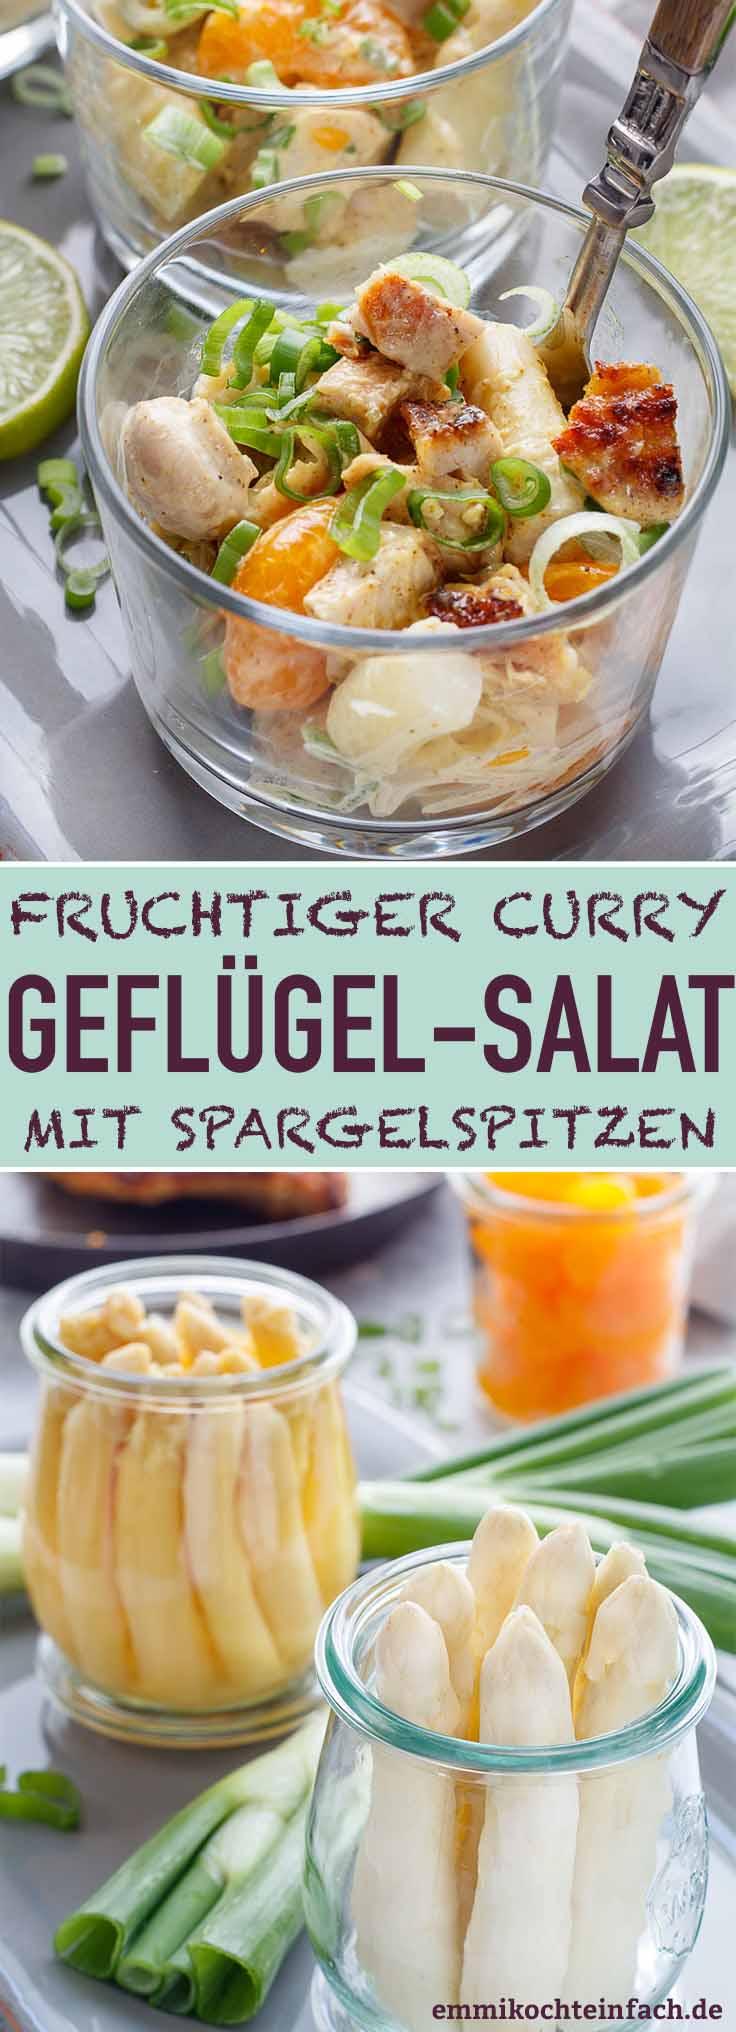 Klassischer Geflügelsalat mit Curry ganz einfach - www.emmikochteinfach.de